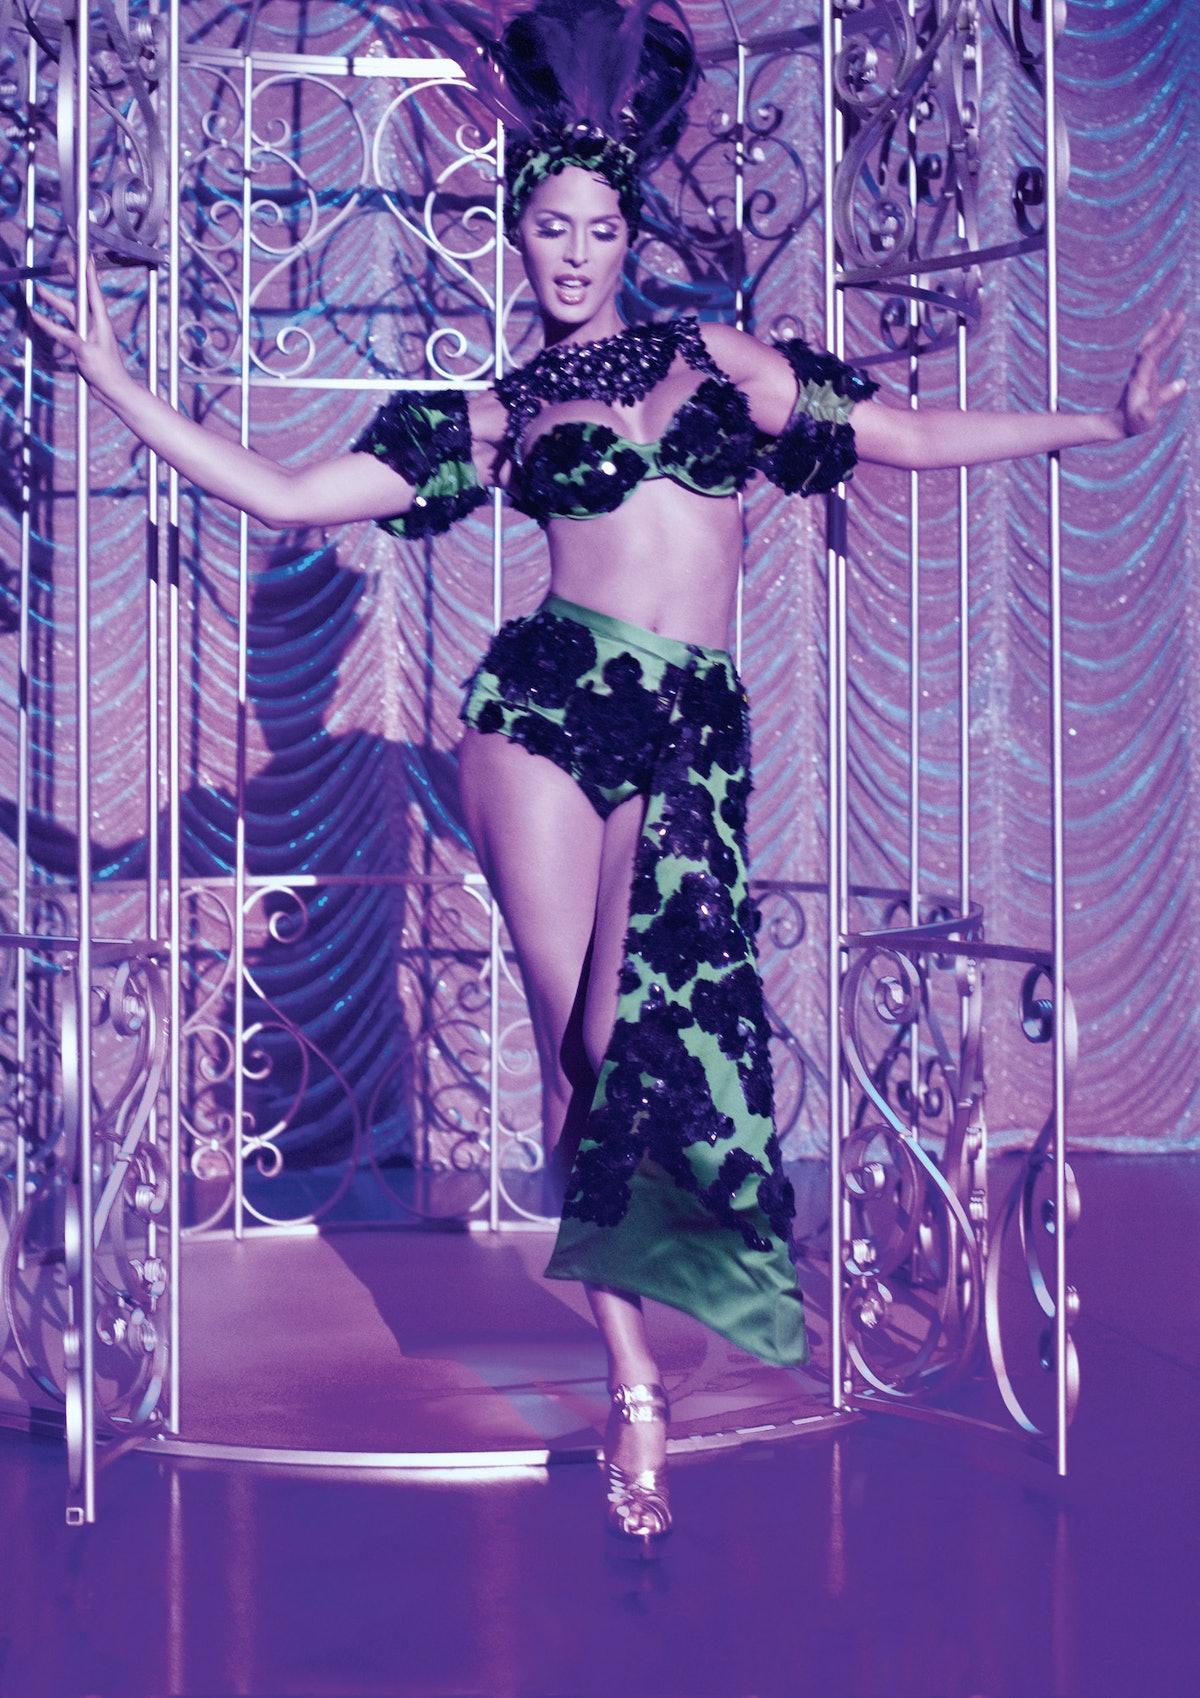 fass-carmen-carrera-transgender-performer-03